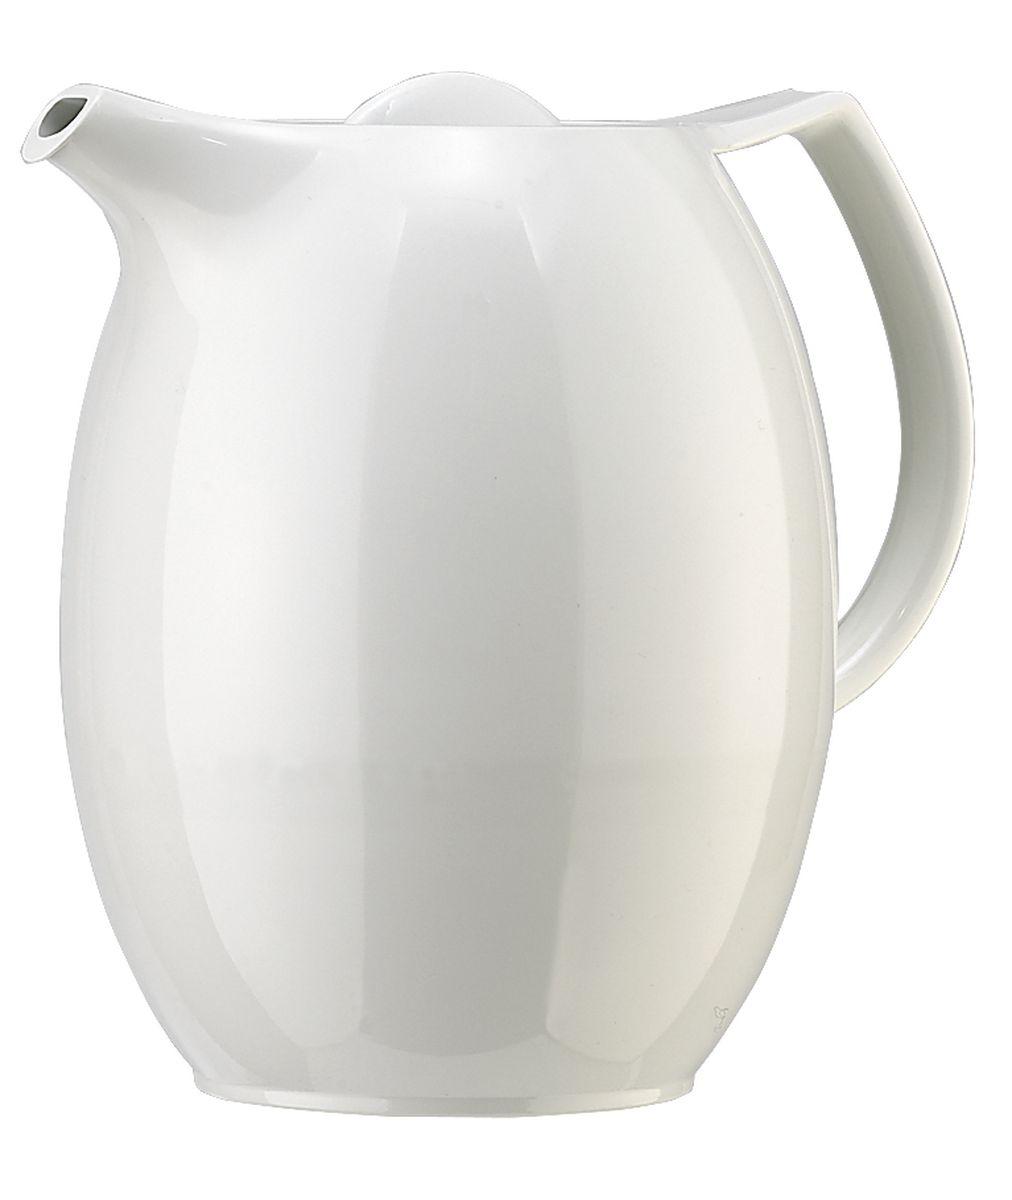 Термос-чайник Emsa Ellipse, с ситечком, цвет: белый, 1 л. 503692503692Удобный термос-чайник Emsa Ellipse прекрасно подходит для заваривания чая и различных травяных настоев. Корпус изделия выполнен извысококачественного белого пластика под фарфор, а внутренняя колба - из стекла. Изделие оснащено удобным носиком, который поможетаккуратно разлить содержимое по стаканам, а также ручкой эргономичной формы.Термочайник позволит легко и быстро заварить насыщенный и ароматный чай, а ситечко для заварки не даст попасть в напиток листочкам икусочкам фруктов. Поворотная крышка быстро, легко и герметично закрывается, сохраняя температуру напитку.Объем чайника: 1 литр.